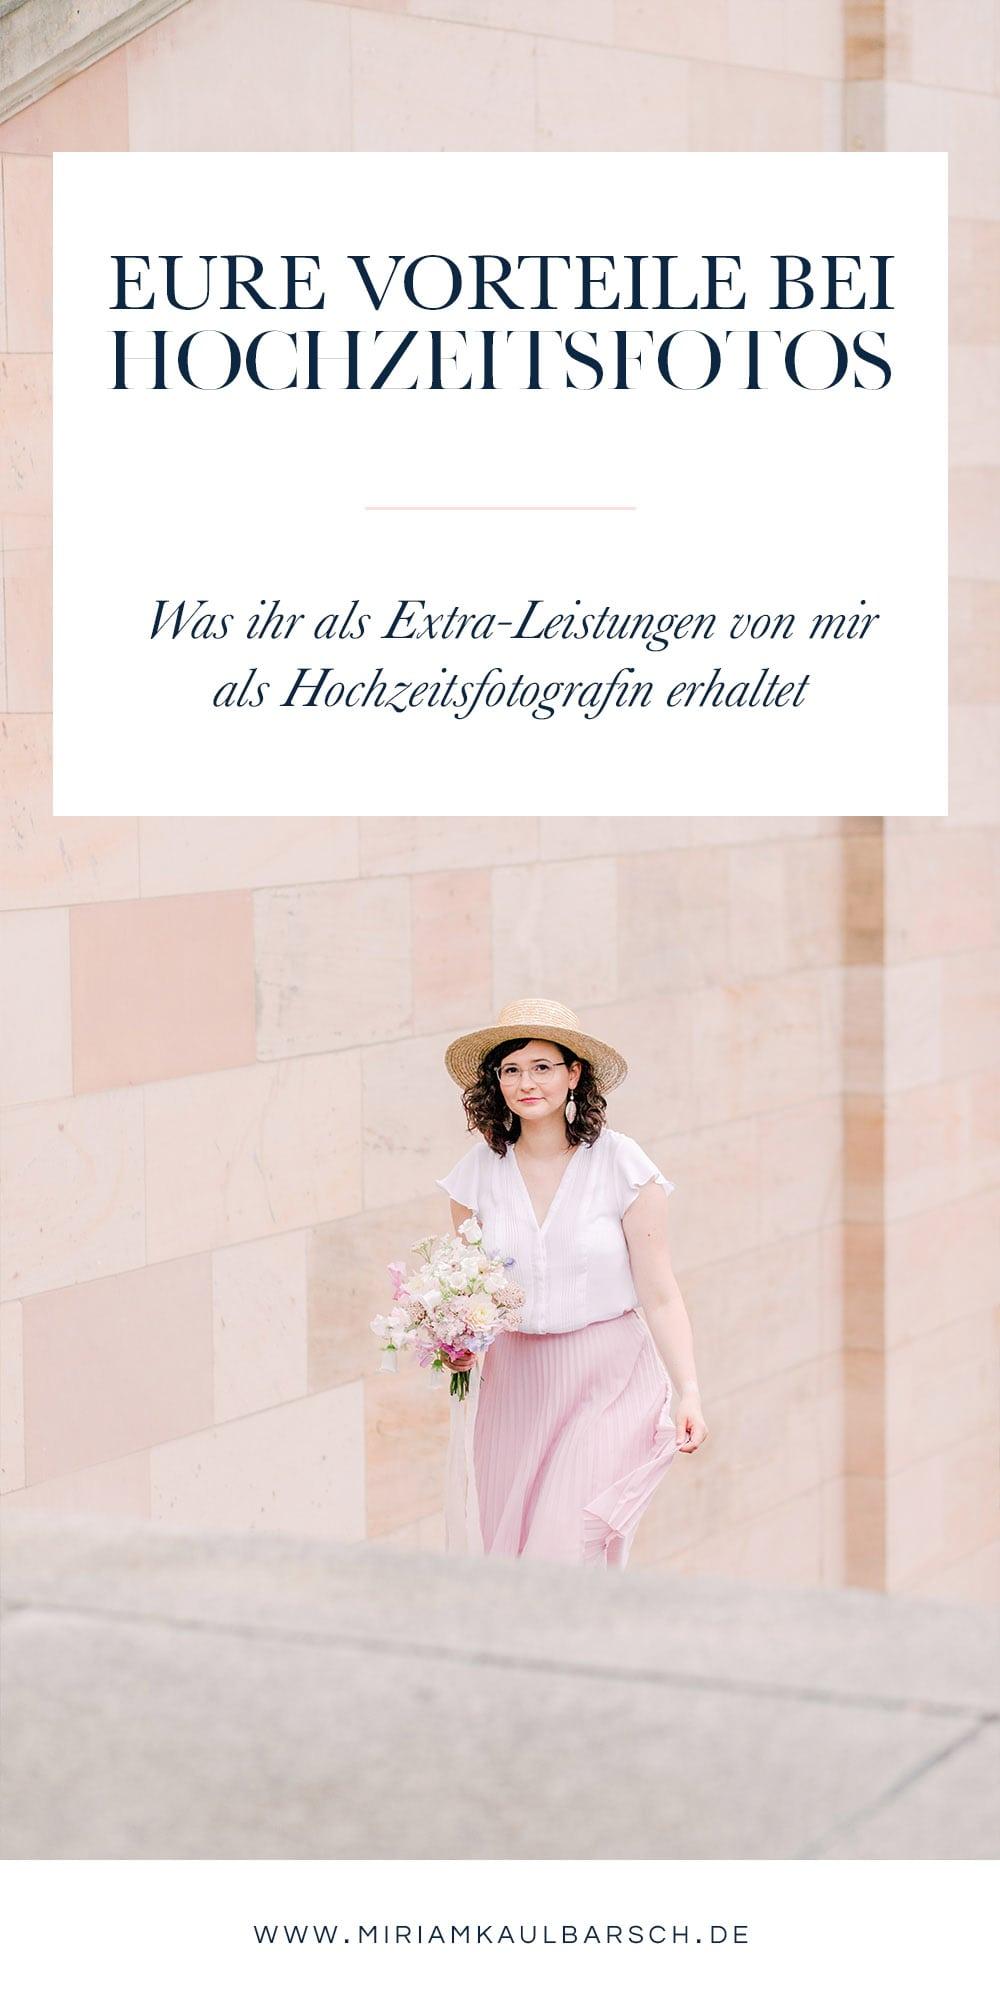 Hochzeitsfotografin Miriam Kaulbarsch aus Berlin